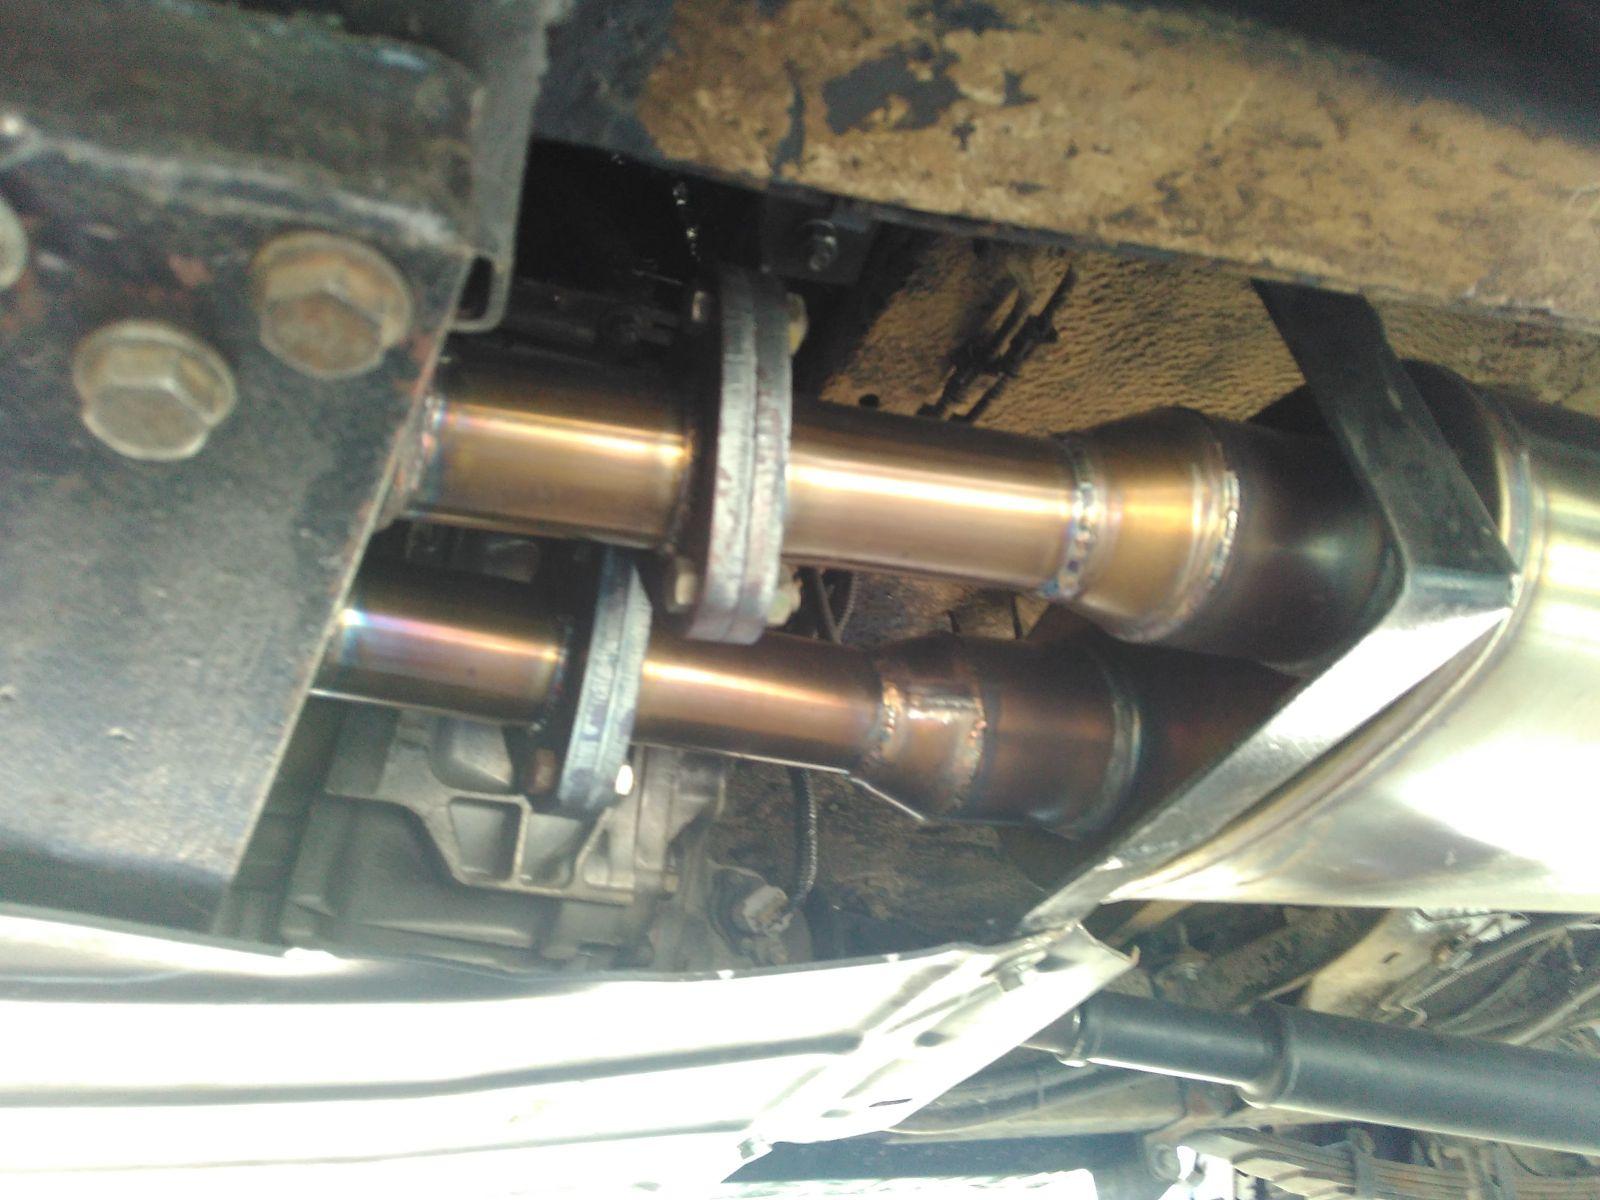 УАЗ Патриот V8, АКПП